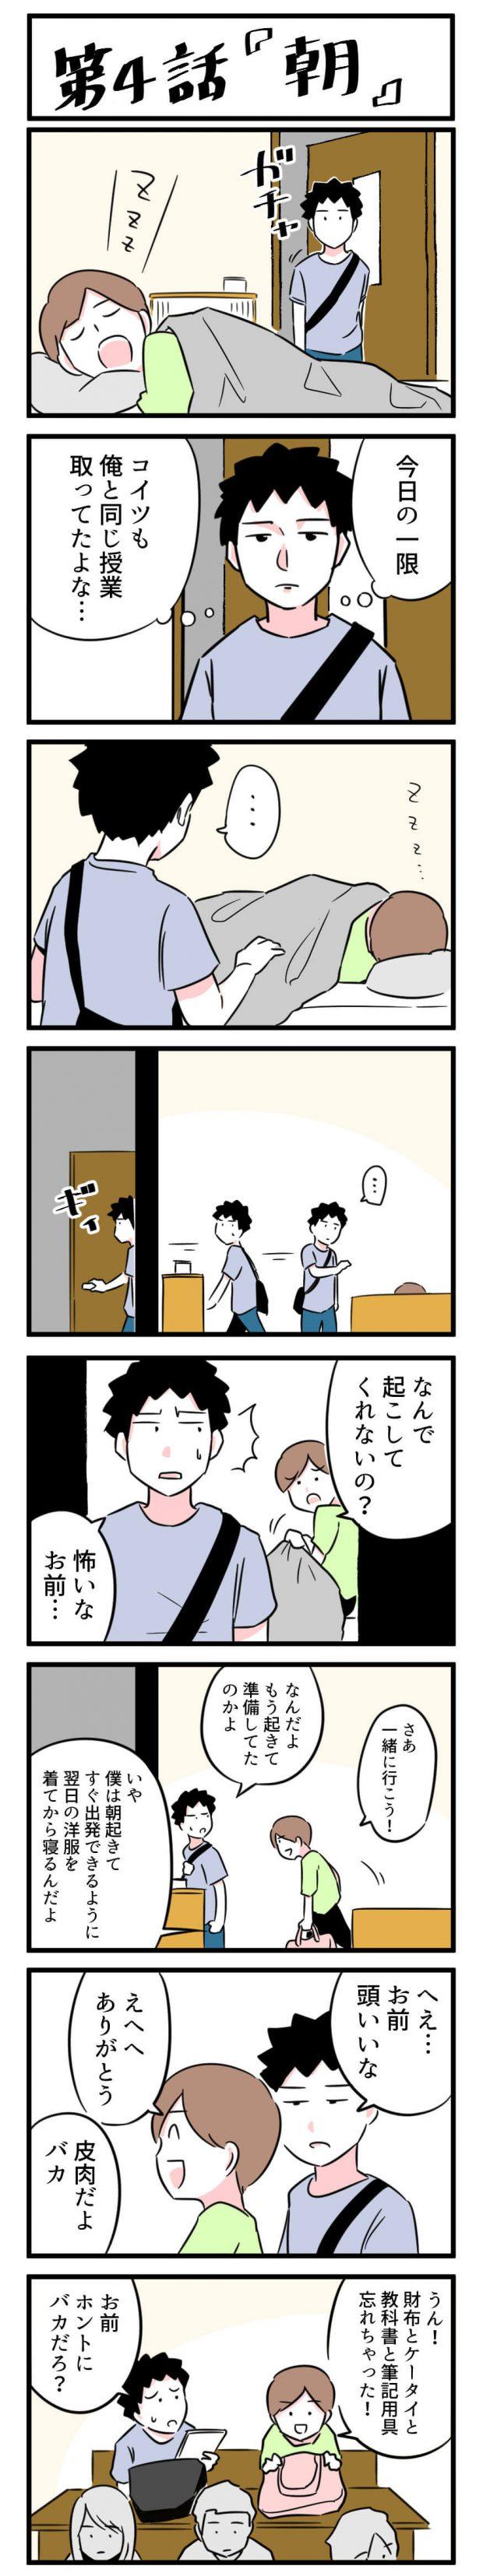 森もり子 俺と僕 漫画 連載 シリーズ 大学 ルームシェア タウンワークマガジン